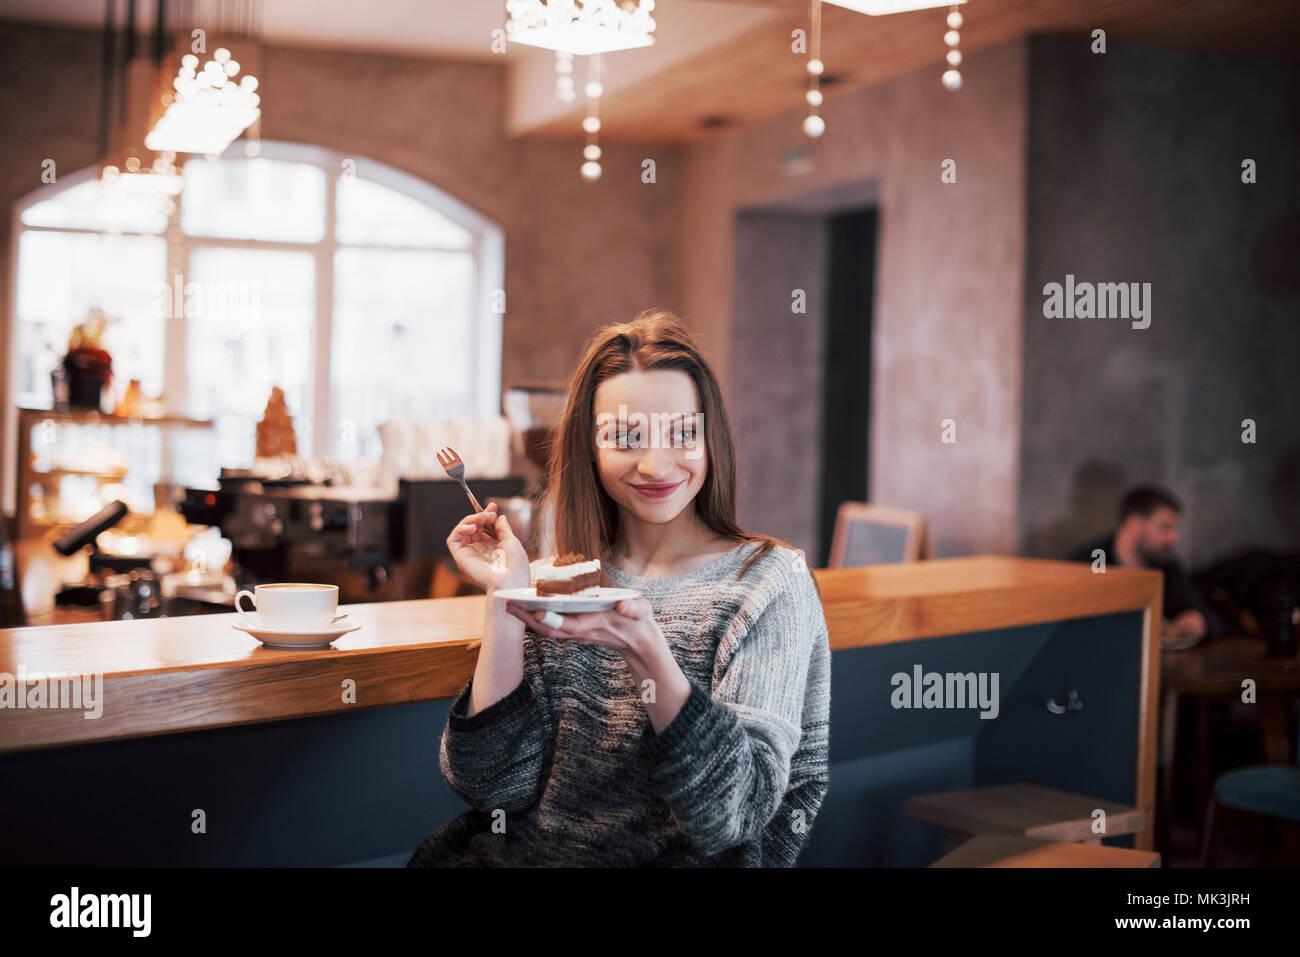 Sorridenti giovane donna usando il telefono in una caffetteria. Bella ragazza nel quartiere alla moda di colori di primavera Immagini Stock